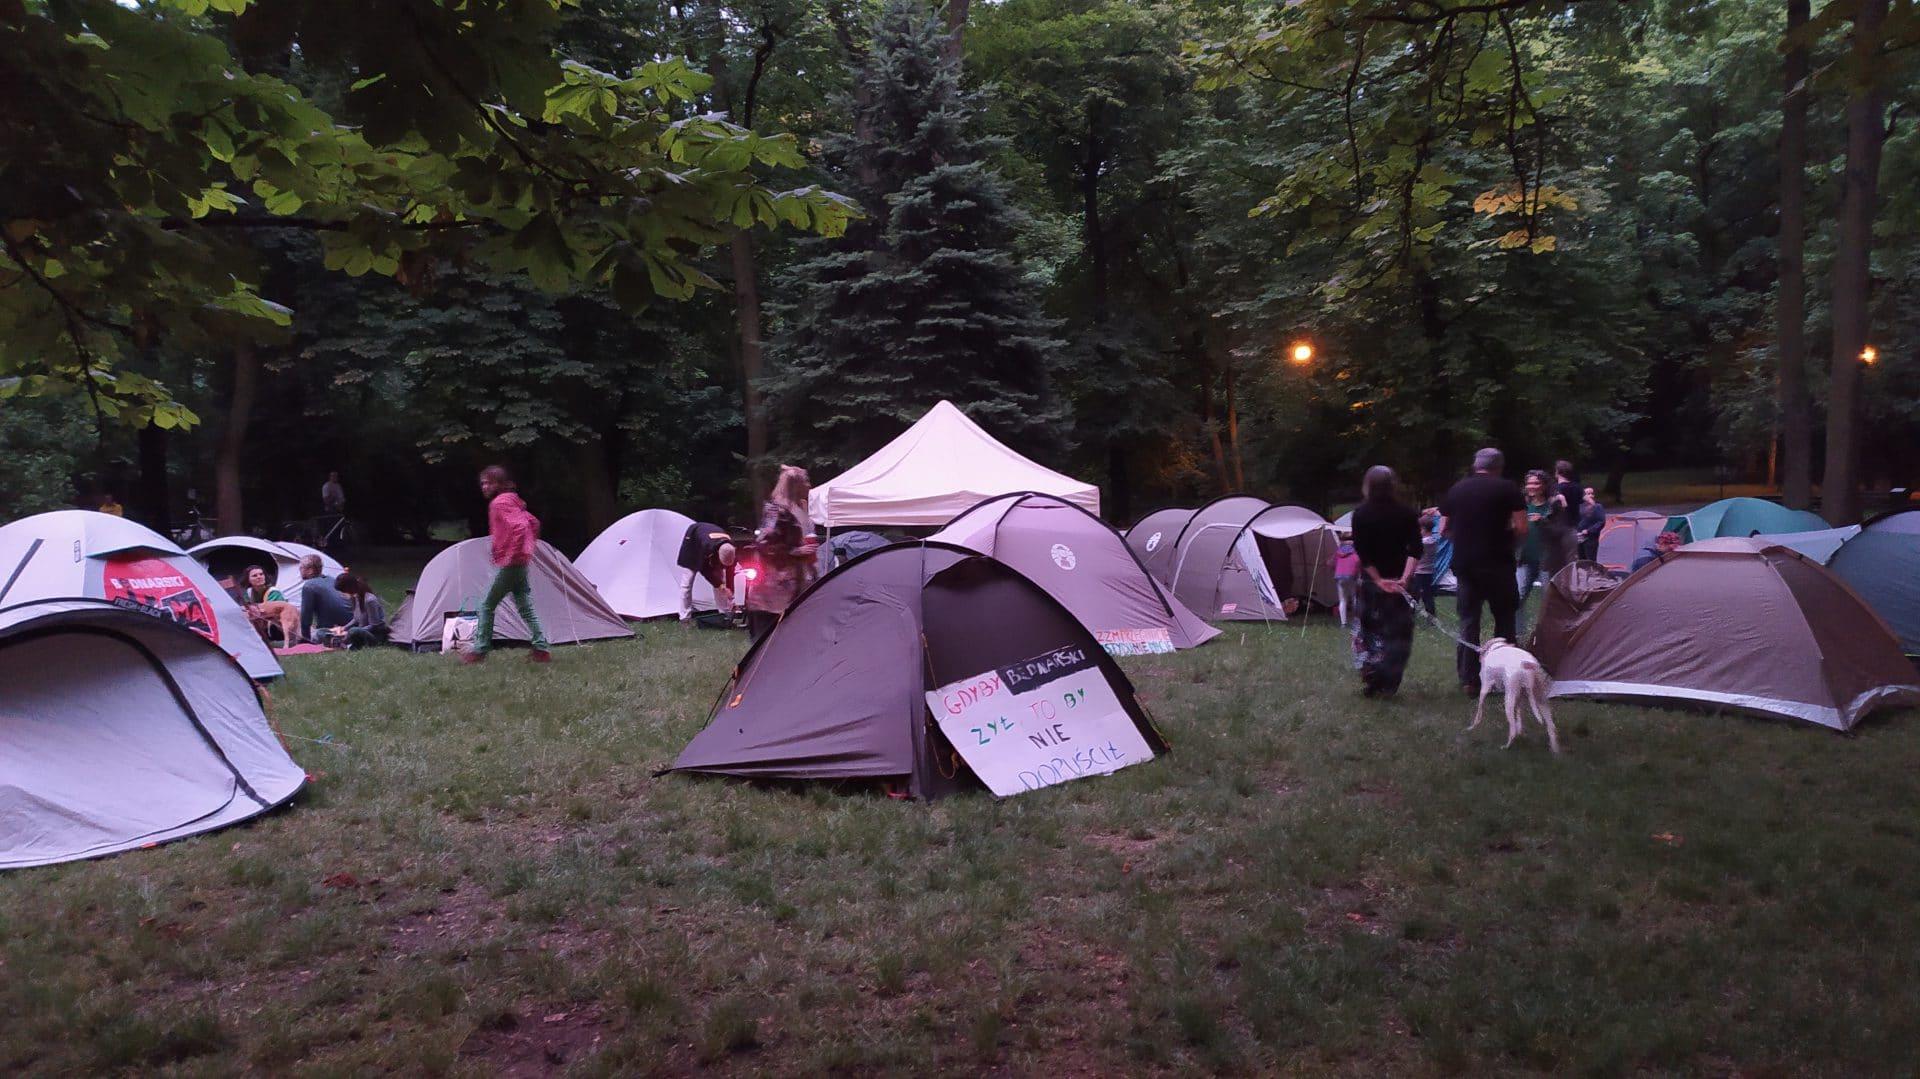 Miasteczko namiotowe w parku Bednarskiego.